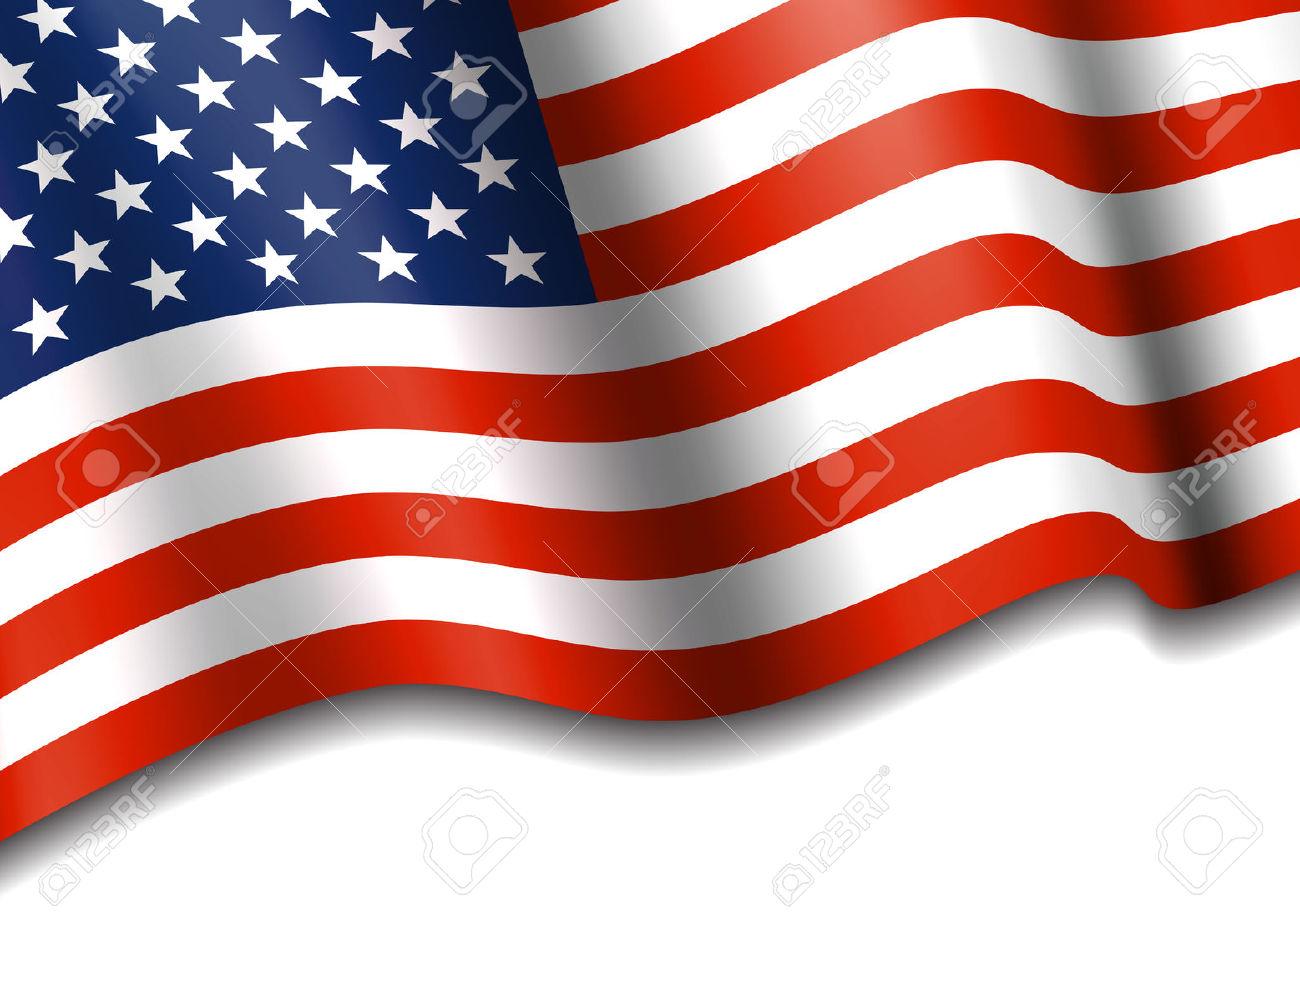 Bandera Americana De Las Barras Y Estrellas De Fondo Ilustraciones.